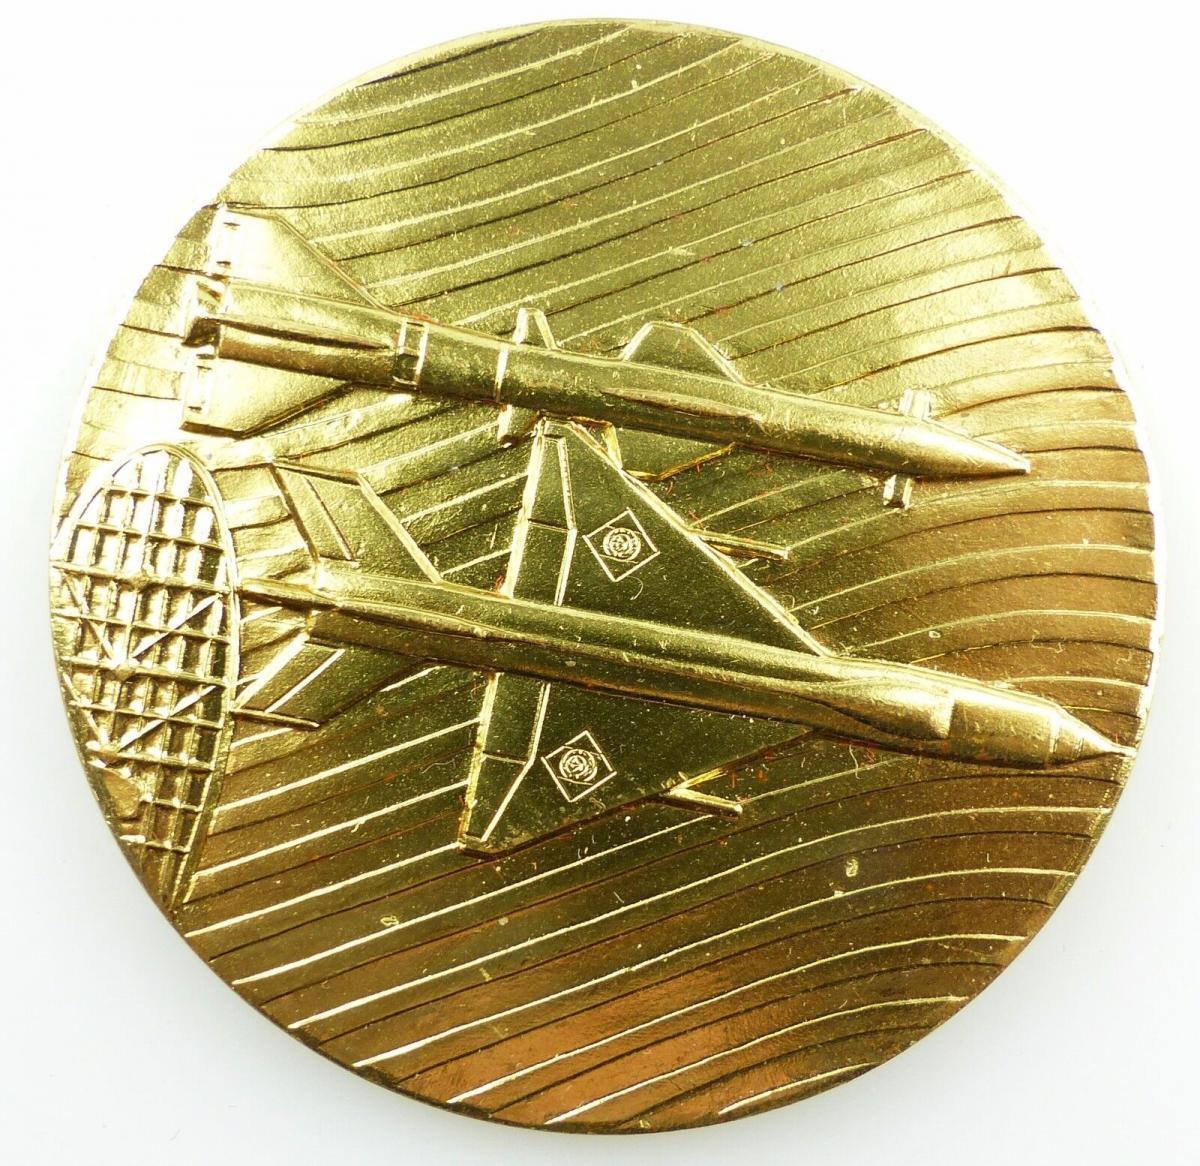 #e5461 Ehrengeschenk Medaille NVA Luftstreitkräfte Radar / Rakete / Jagdflieger 1